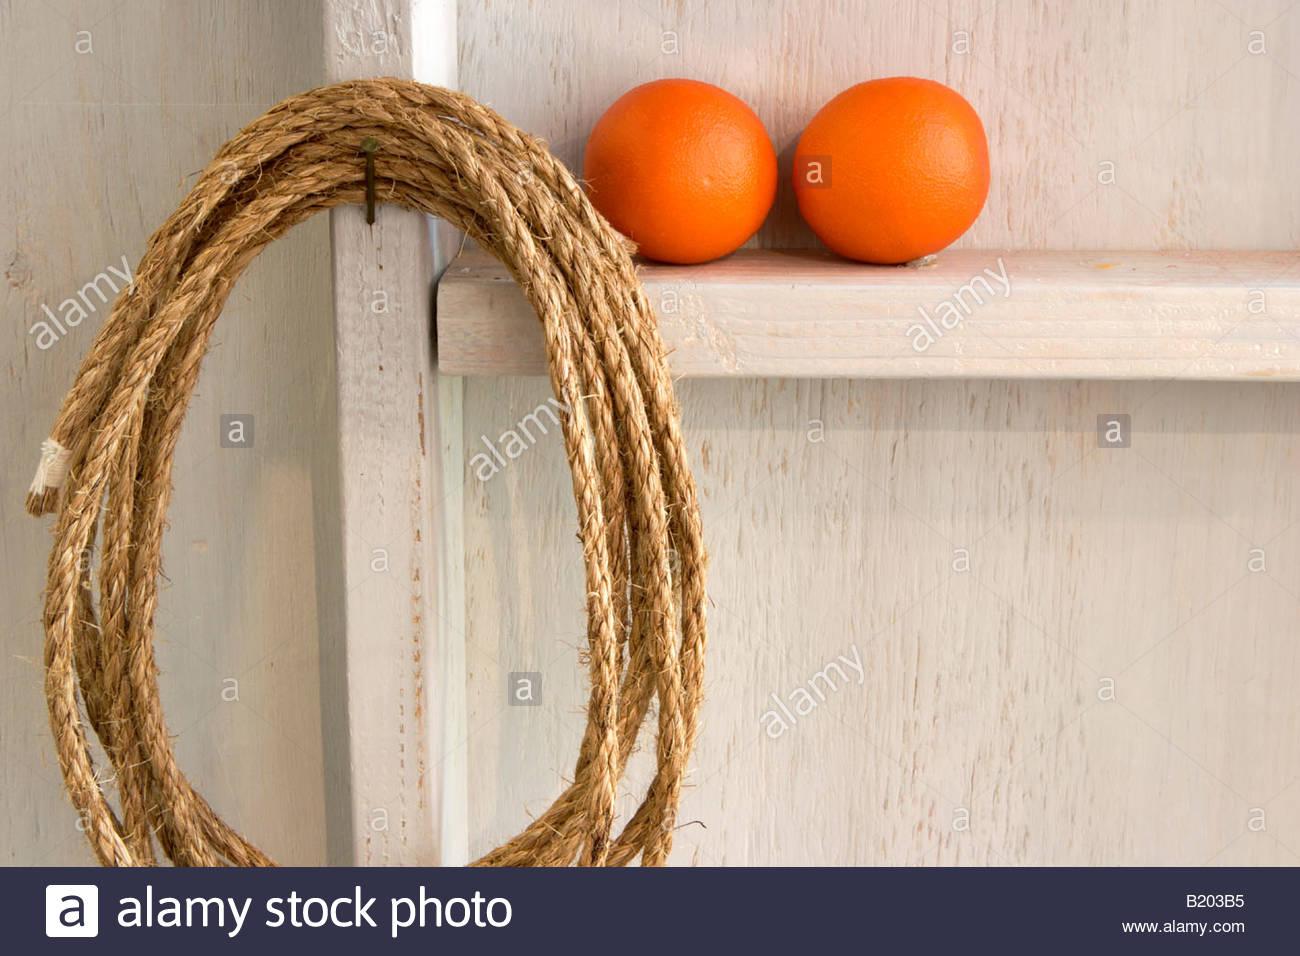 Rope Lasso and Oranges Still Life Fullerton Arboretum California - Stock Image